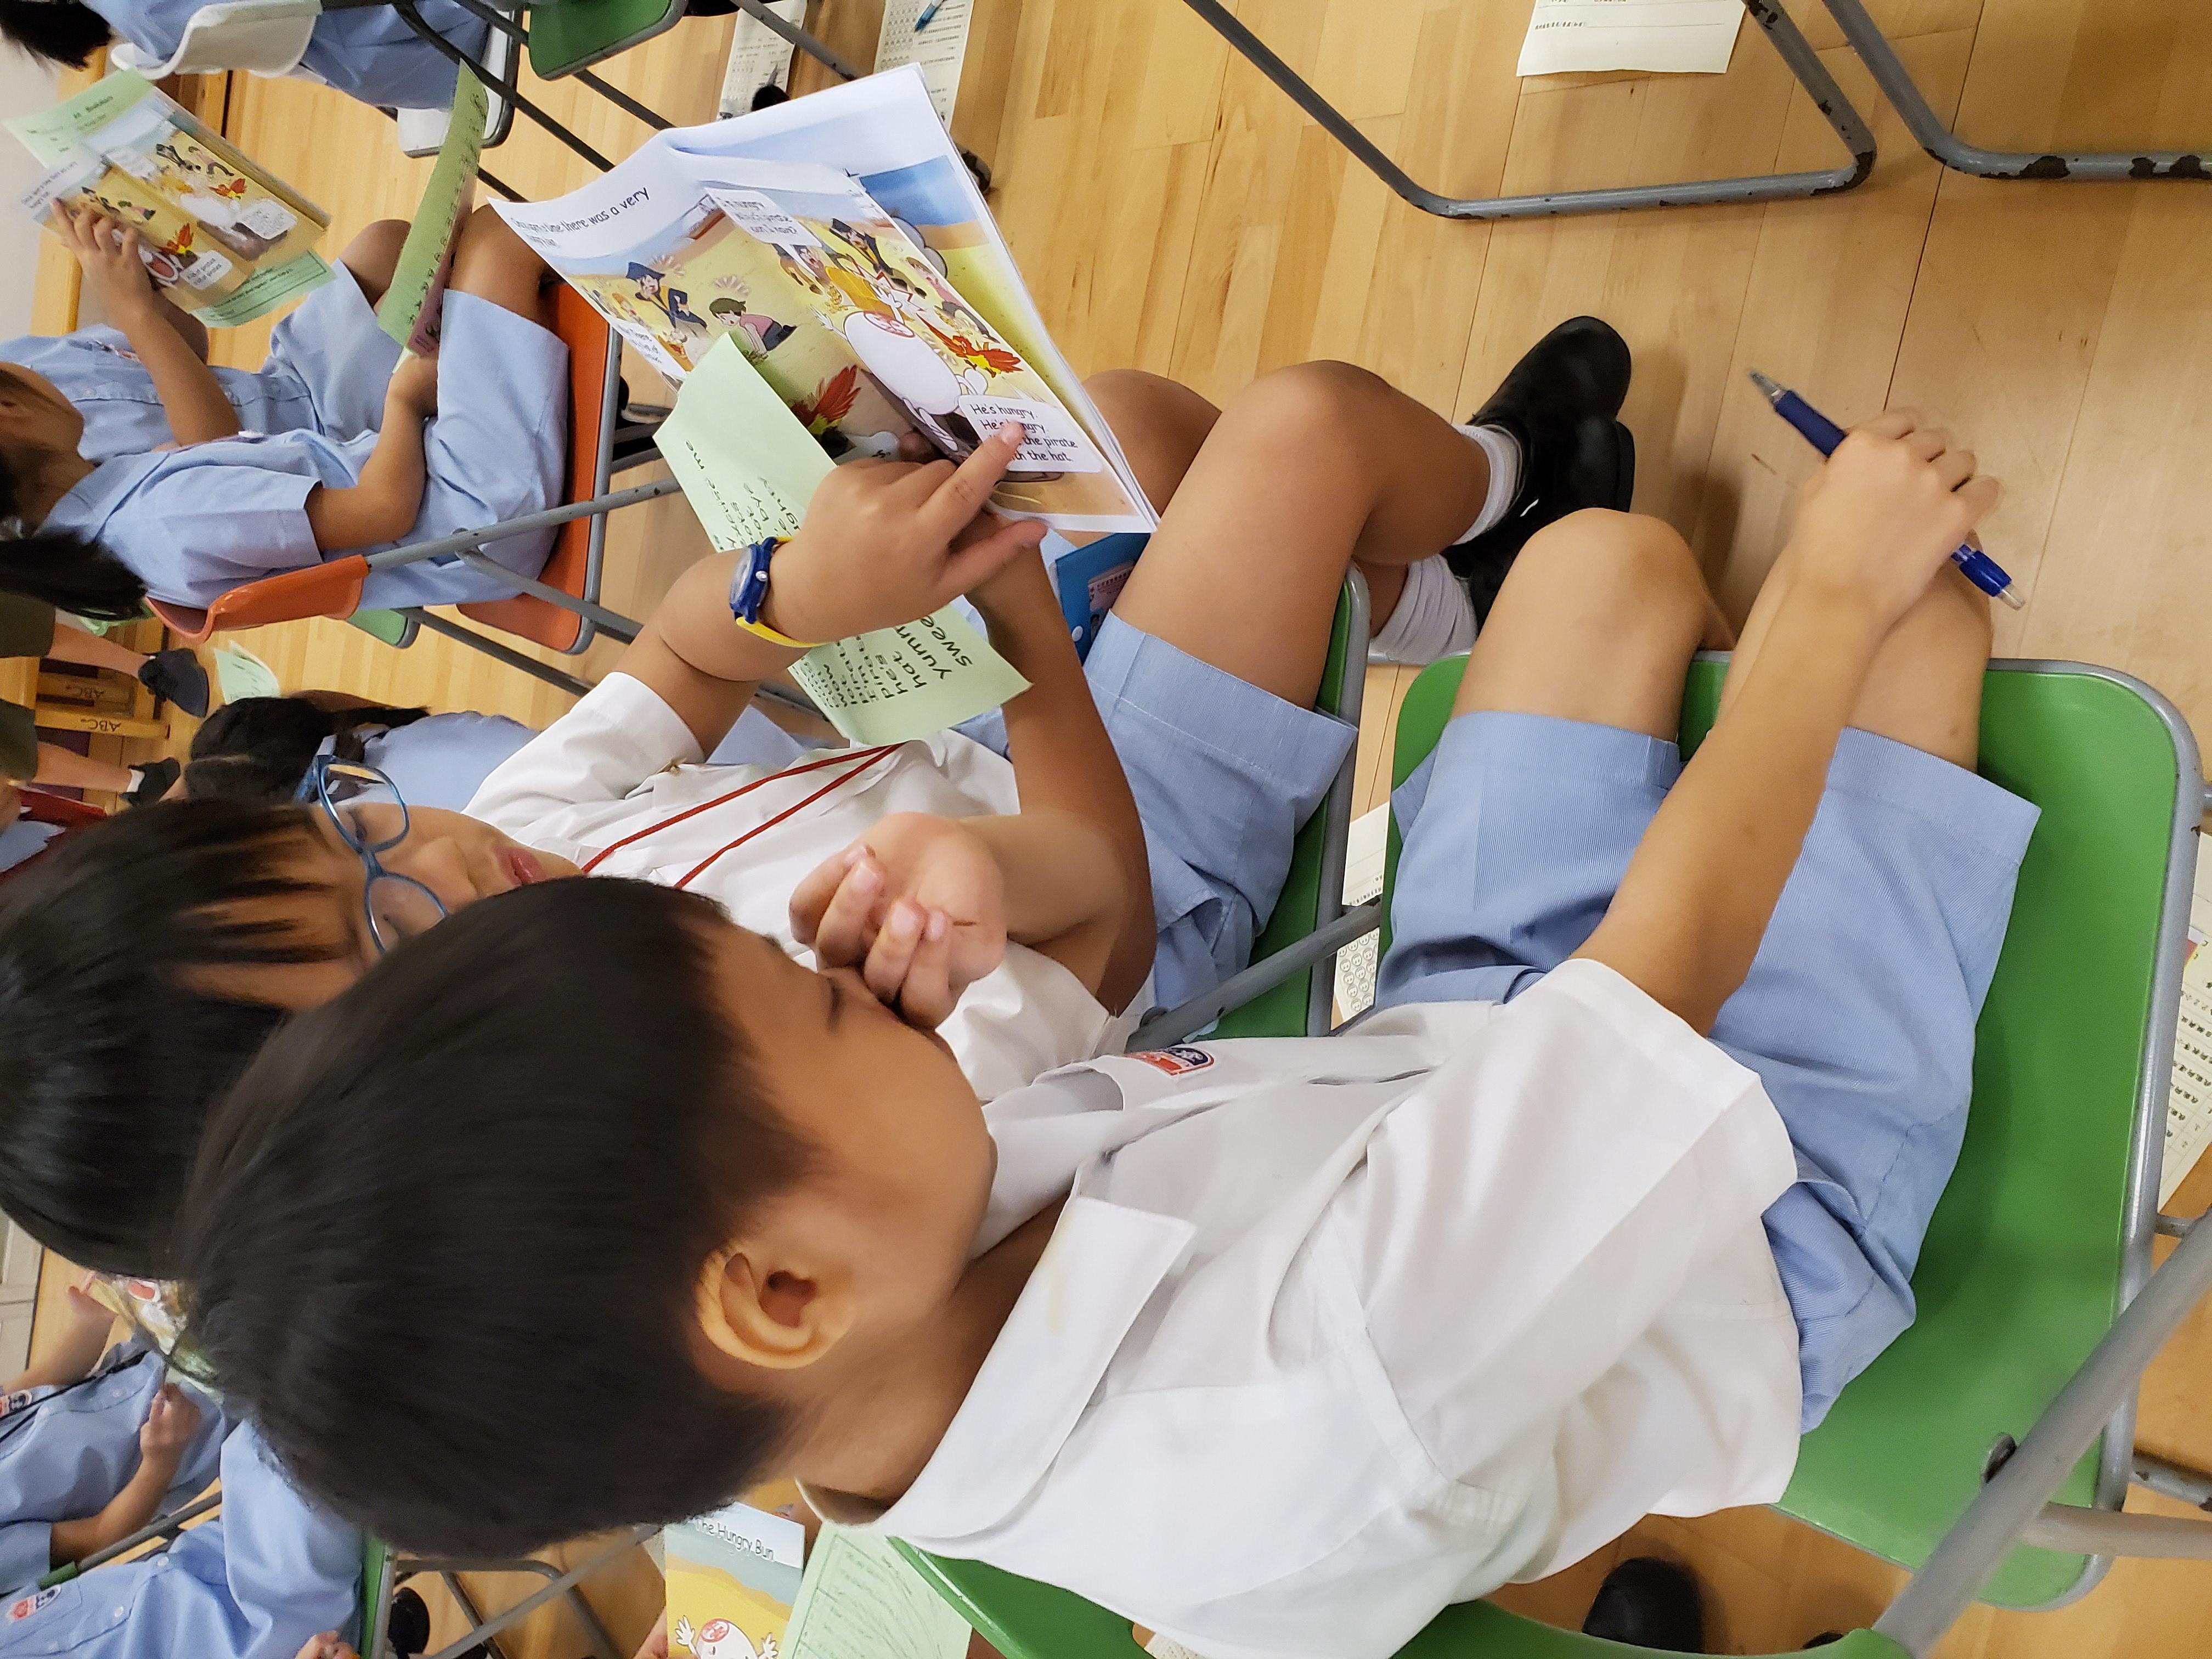 http://www.keiwan.edu.hk/sites/default/files/20191016_133335.jpg